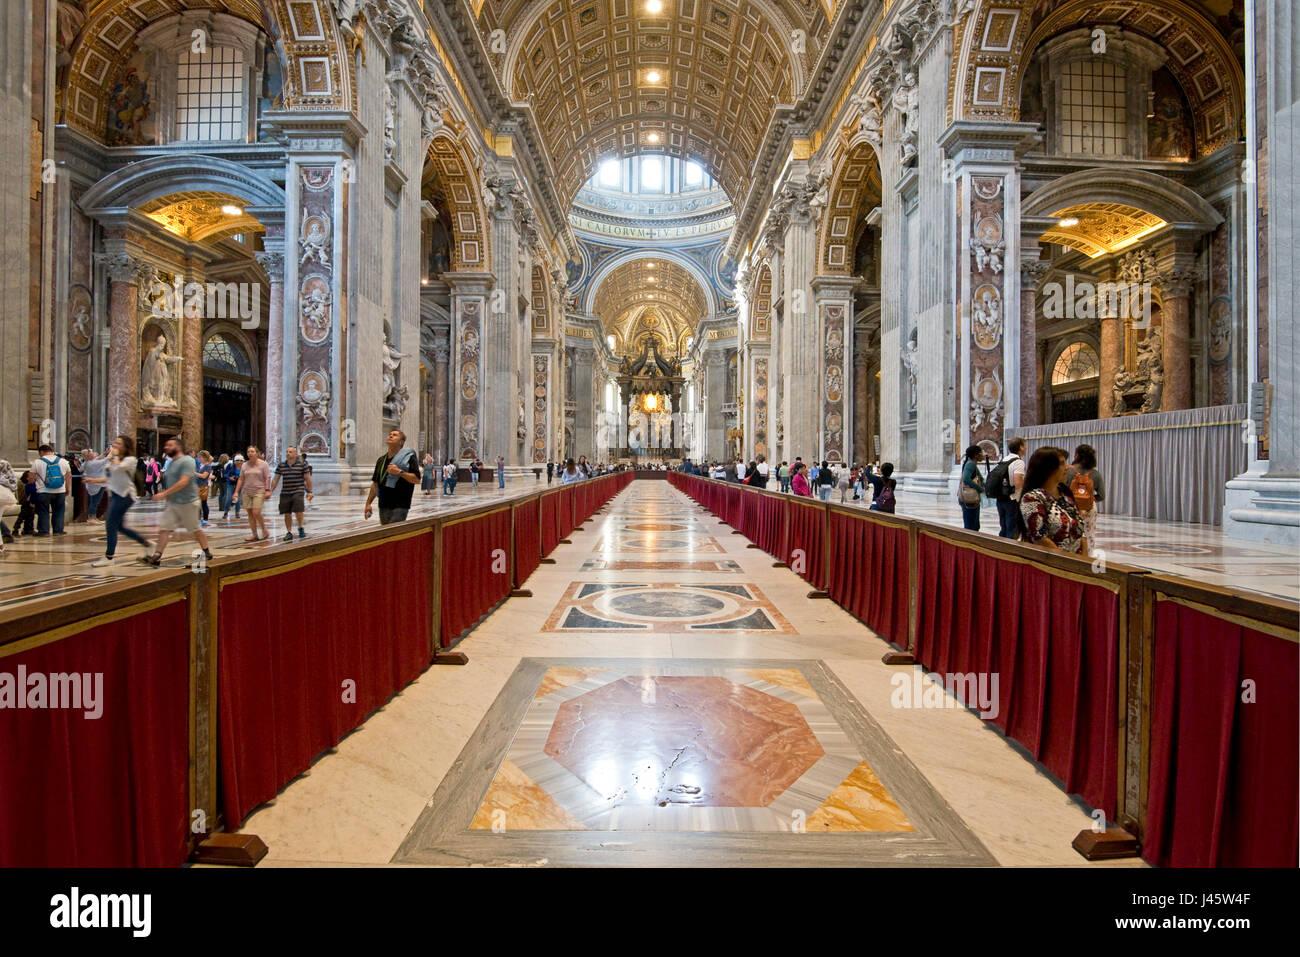 Un amplio ángulo de vista interior dentro de la Basílica de San Pedro con los turistas que caminan. Imagen De Stock